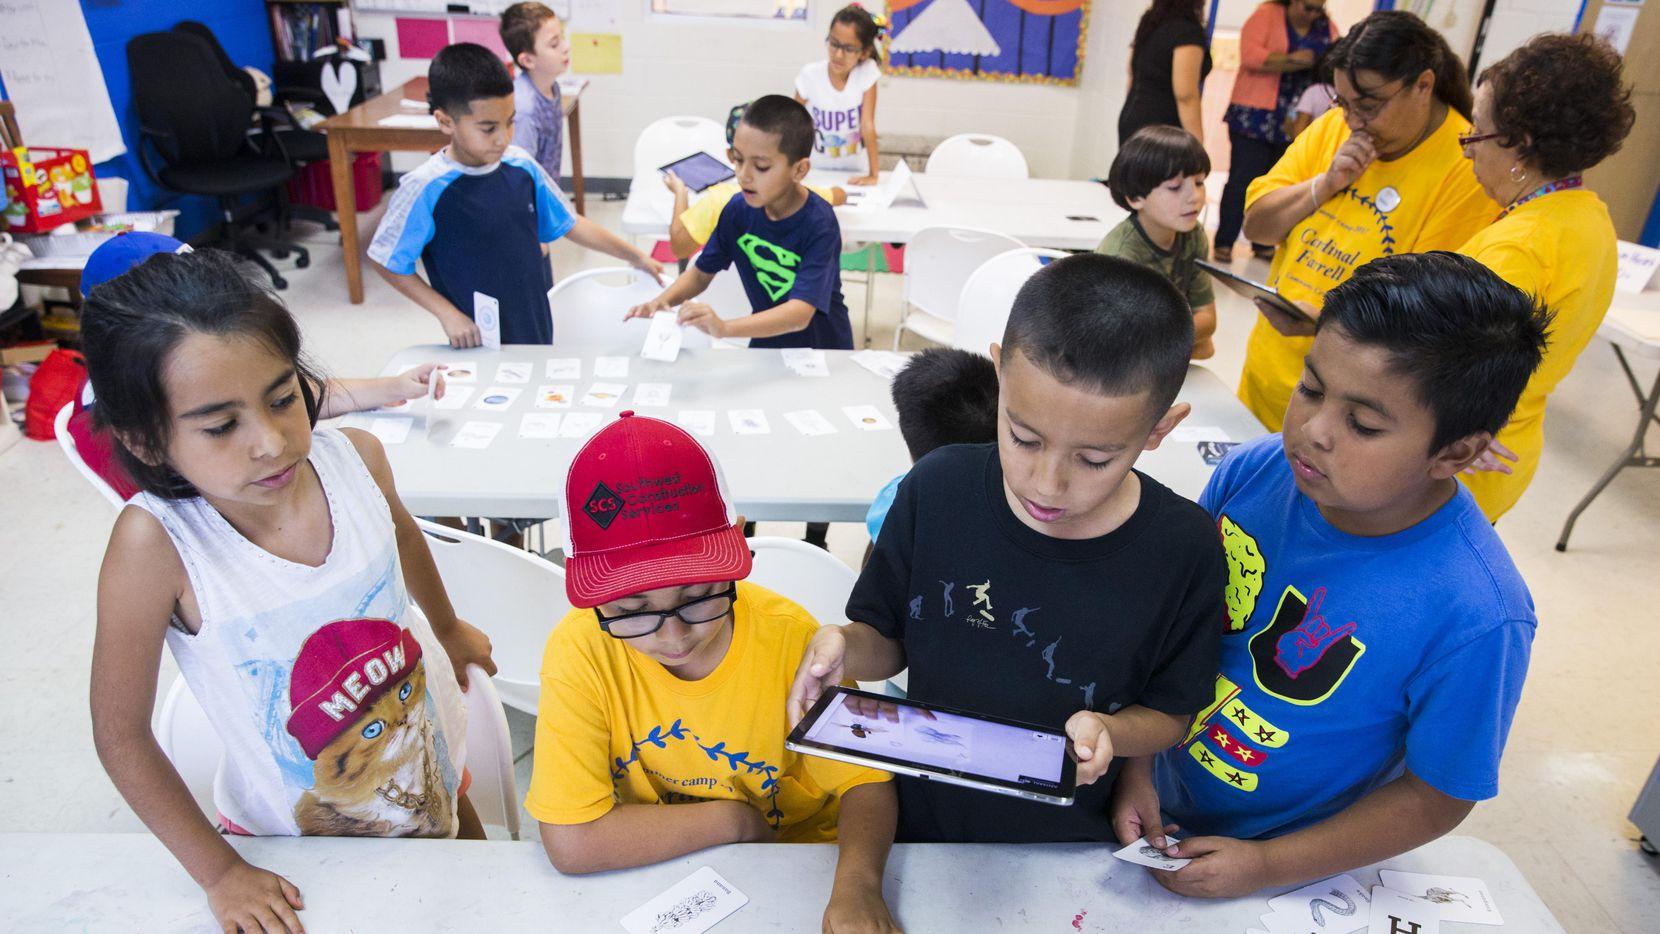 Alumnos de tercer grado aprenden en una tableta de 4D durante el programa de aprendizaje de Catholic Charities. (DMN/ASHLEY LANDIS)